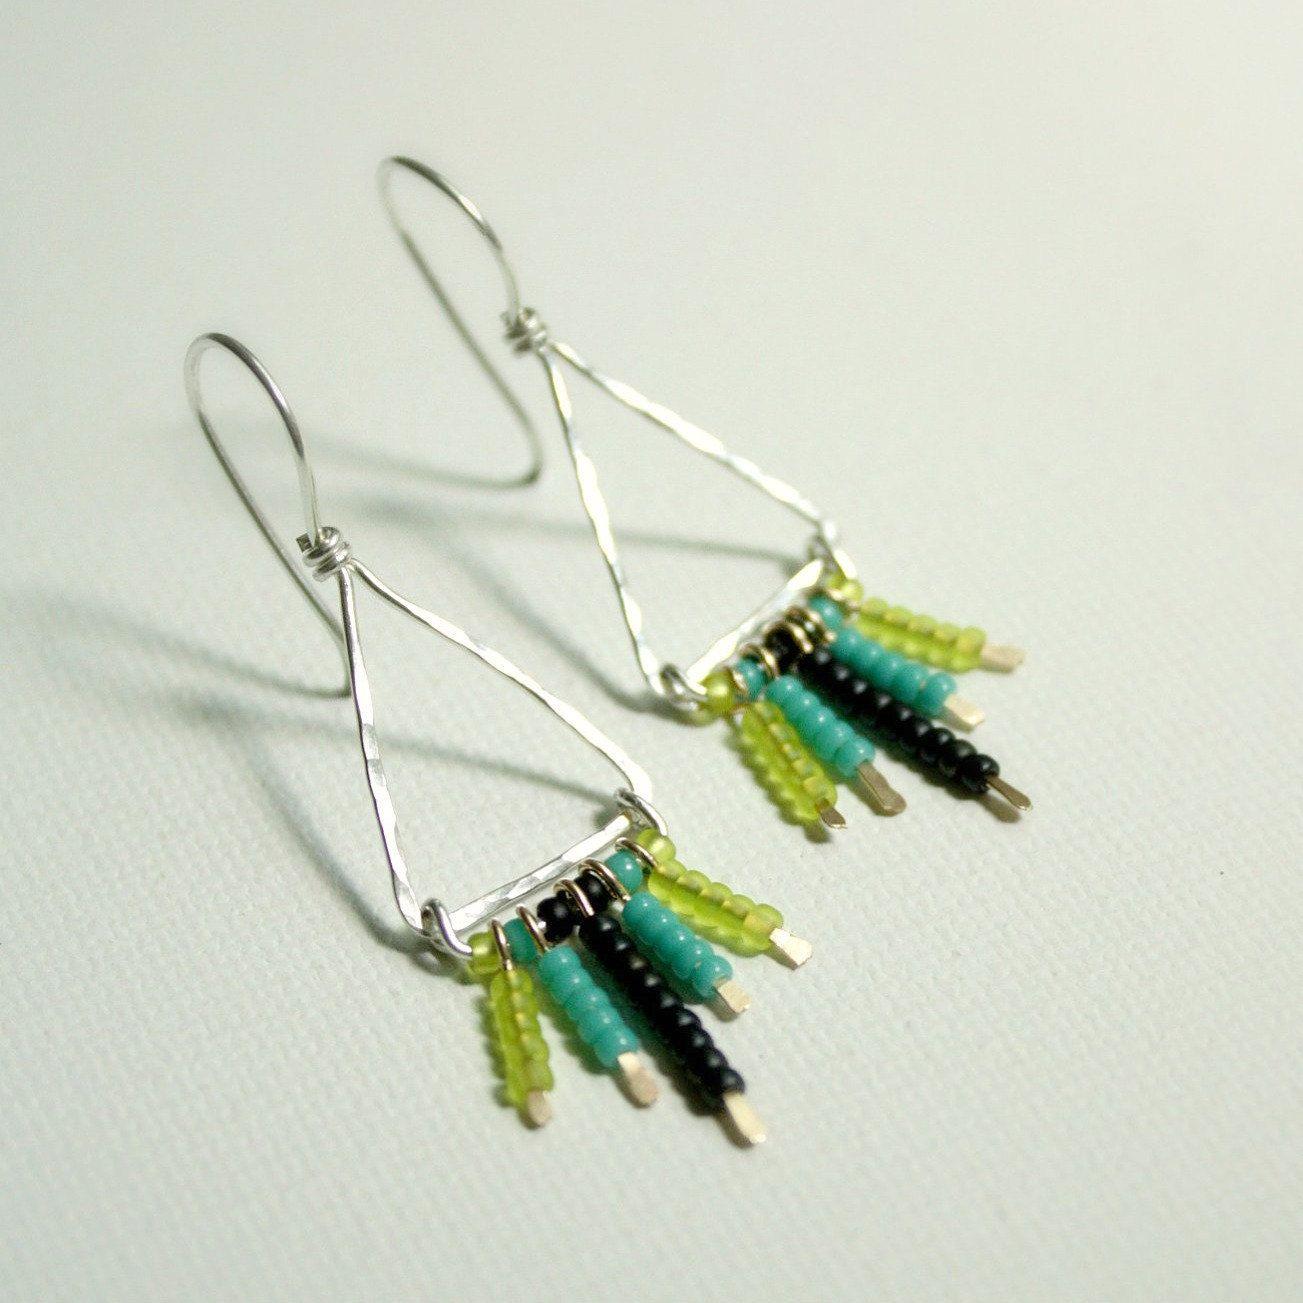 Silver Striped Chandelier Earrings By Whyzee On Etsy